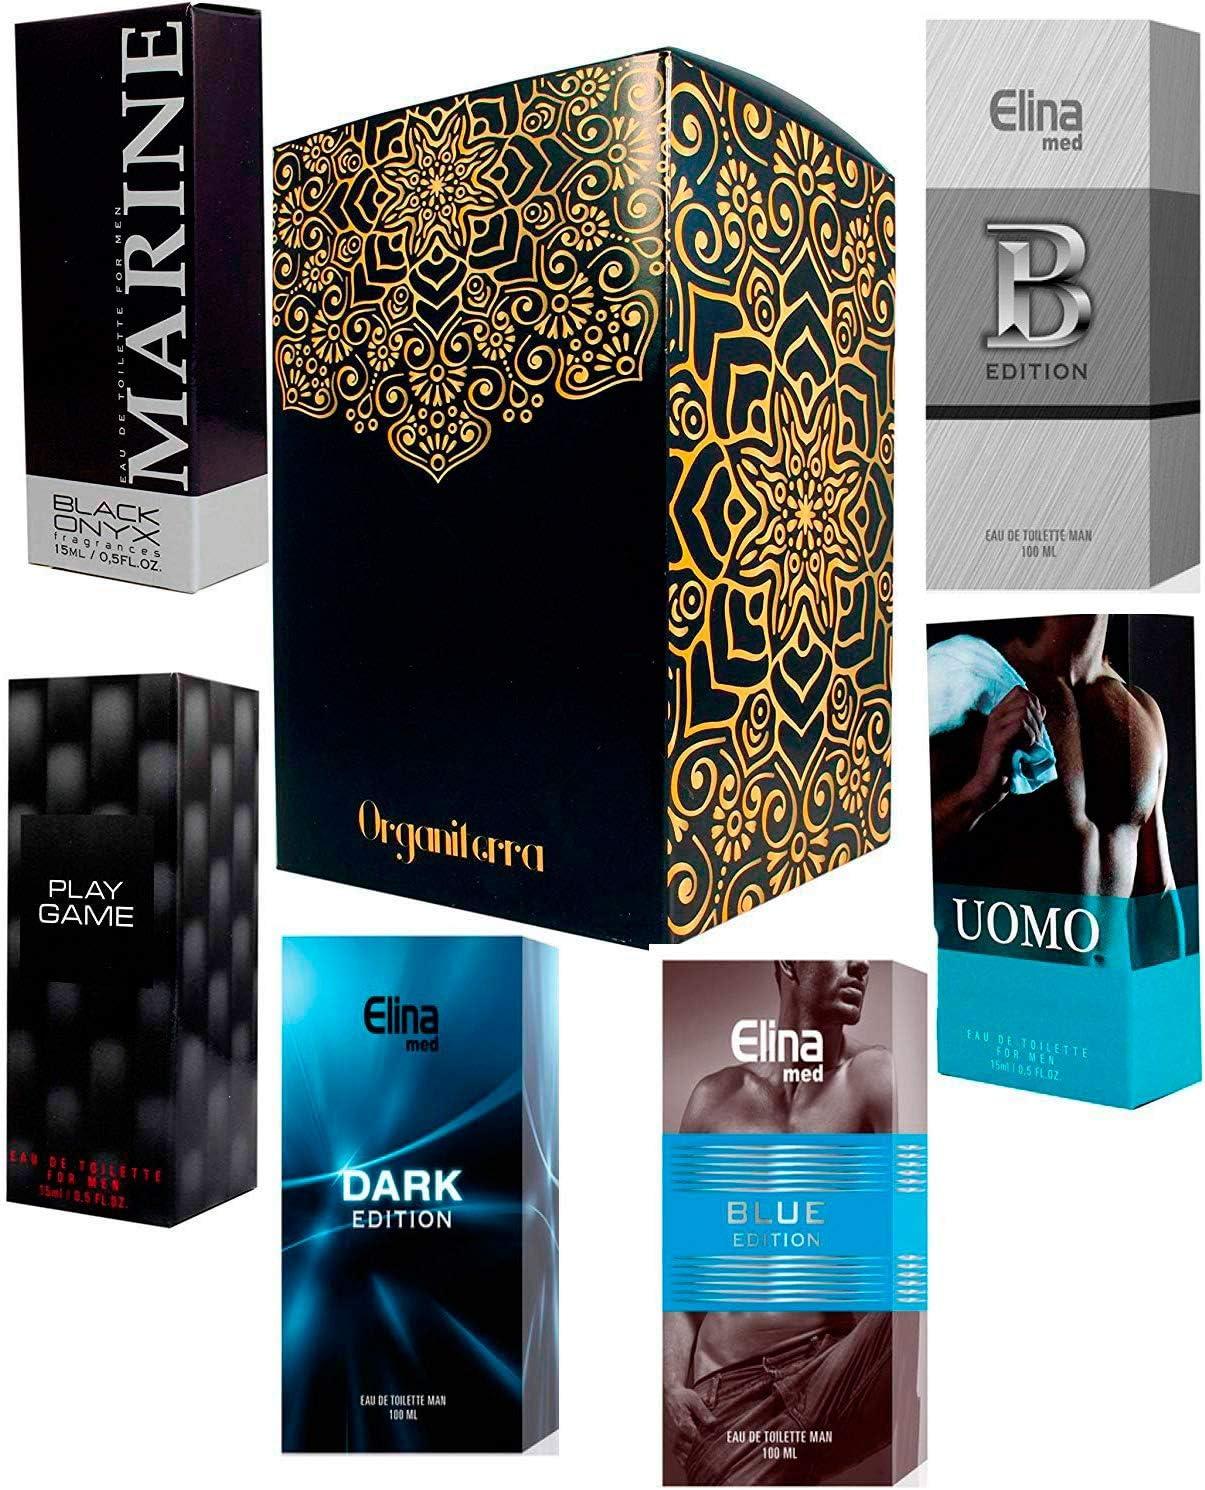 Set de 6 (seis) Perfumes Para Hombre 15ml Cada uno en Caja Individual con Atomizador. (Eau de Toilette) Presentados en una Caja de Regalo Organiterra